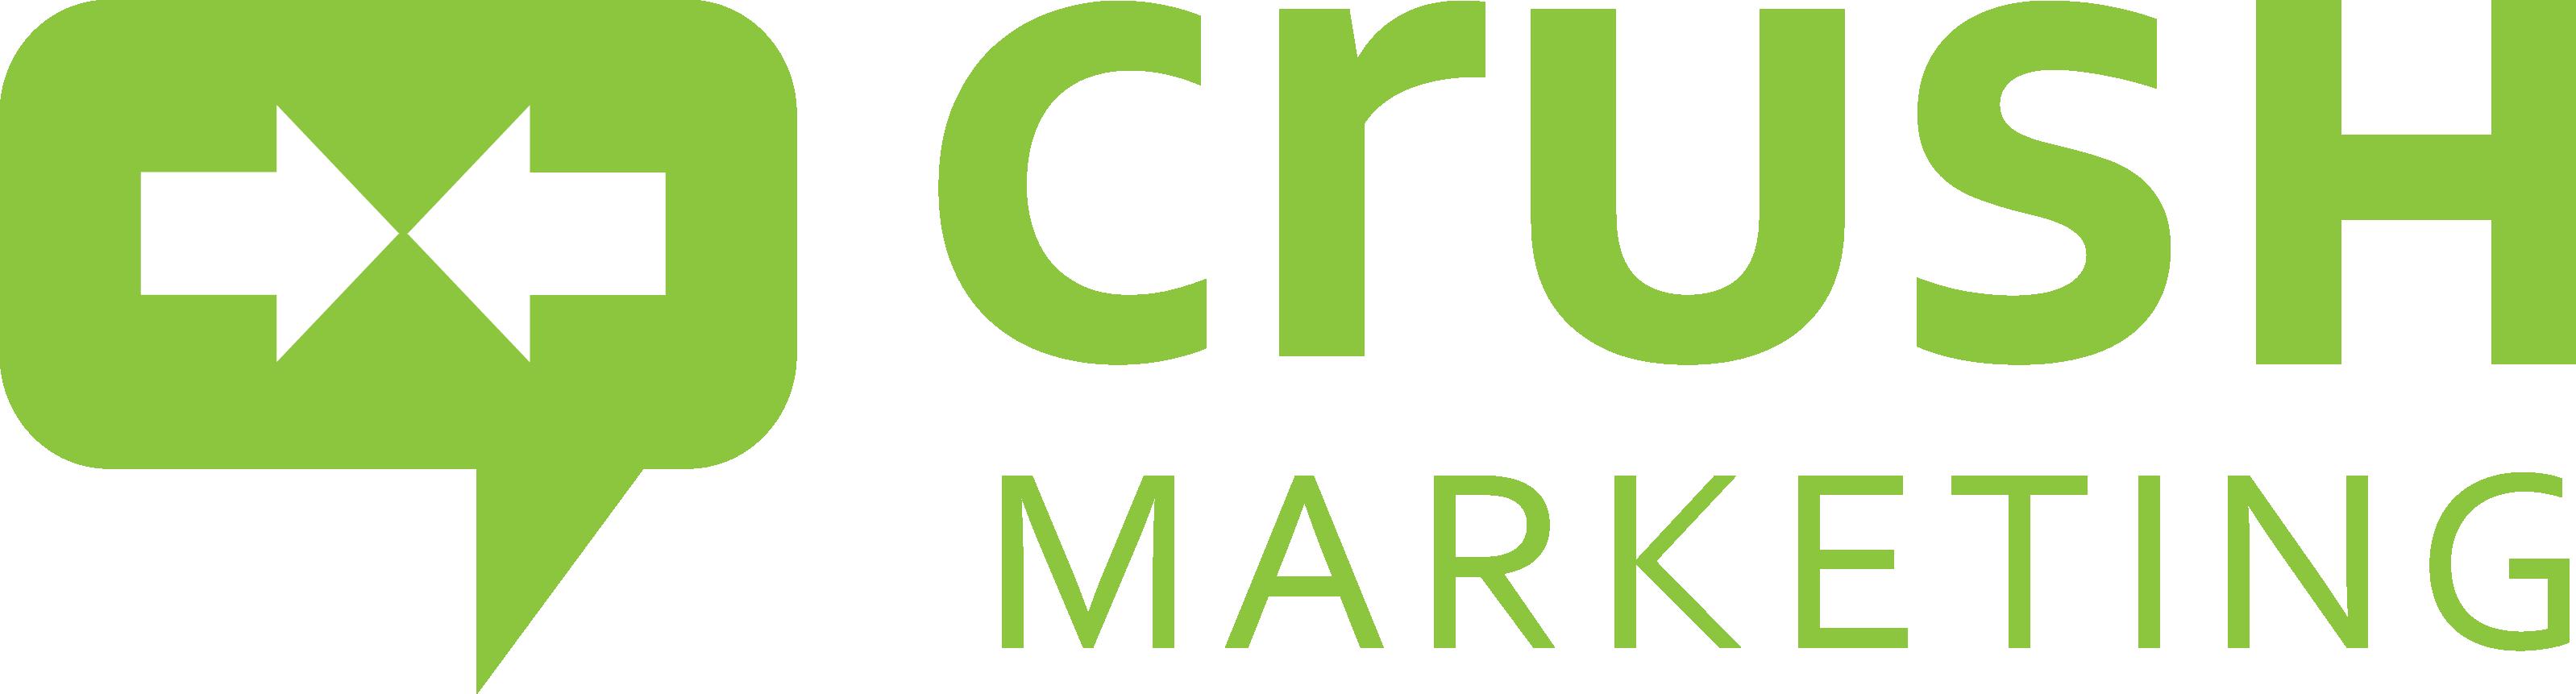 Crush Marketing